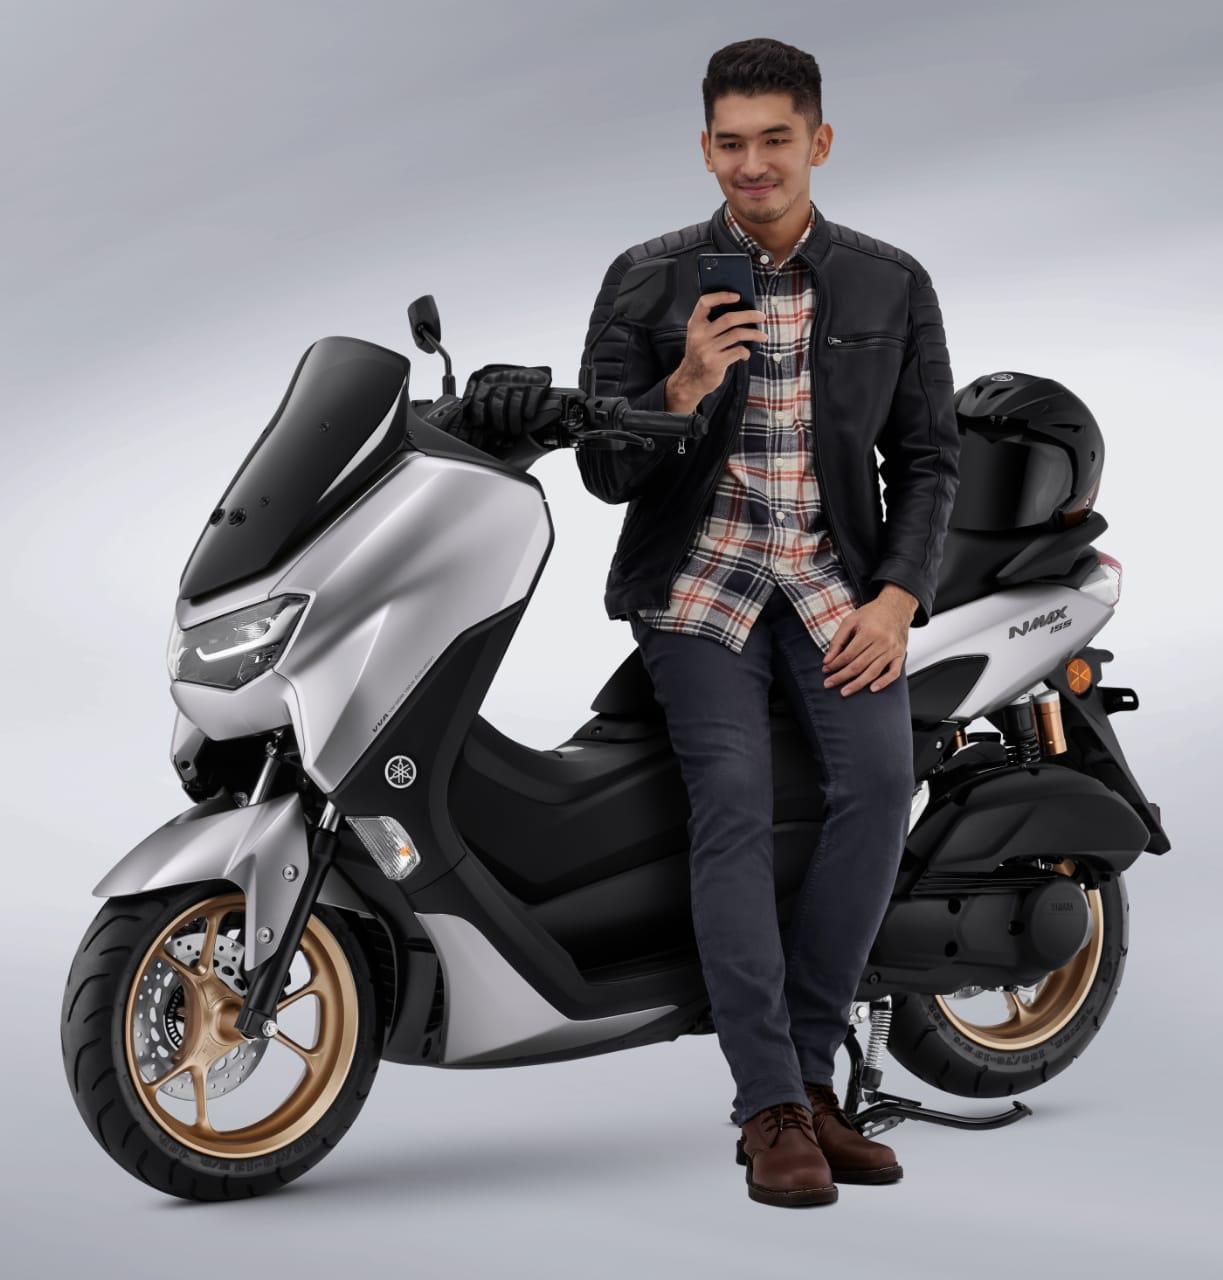 All New NMAX 155 Connected Terpilih Jadi Motorcycle Of The Year Oleh Gridoto Award 2020, Mantab!